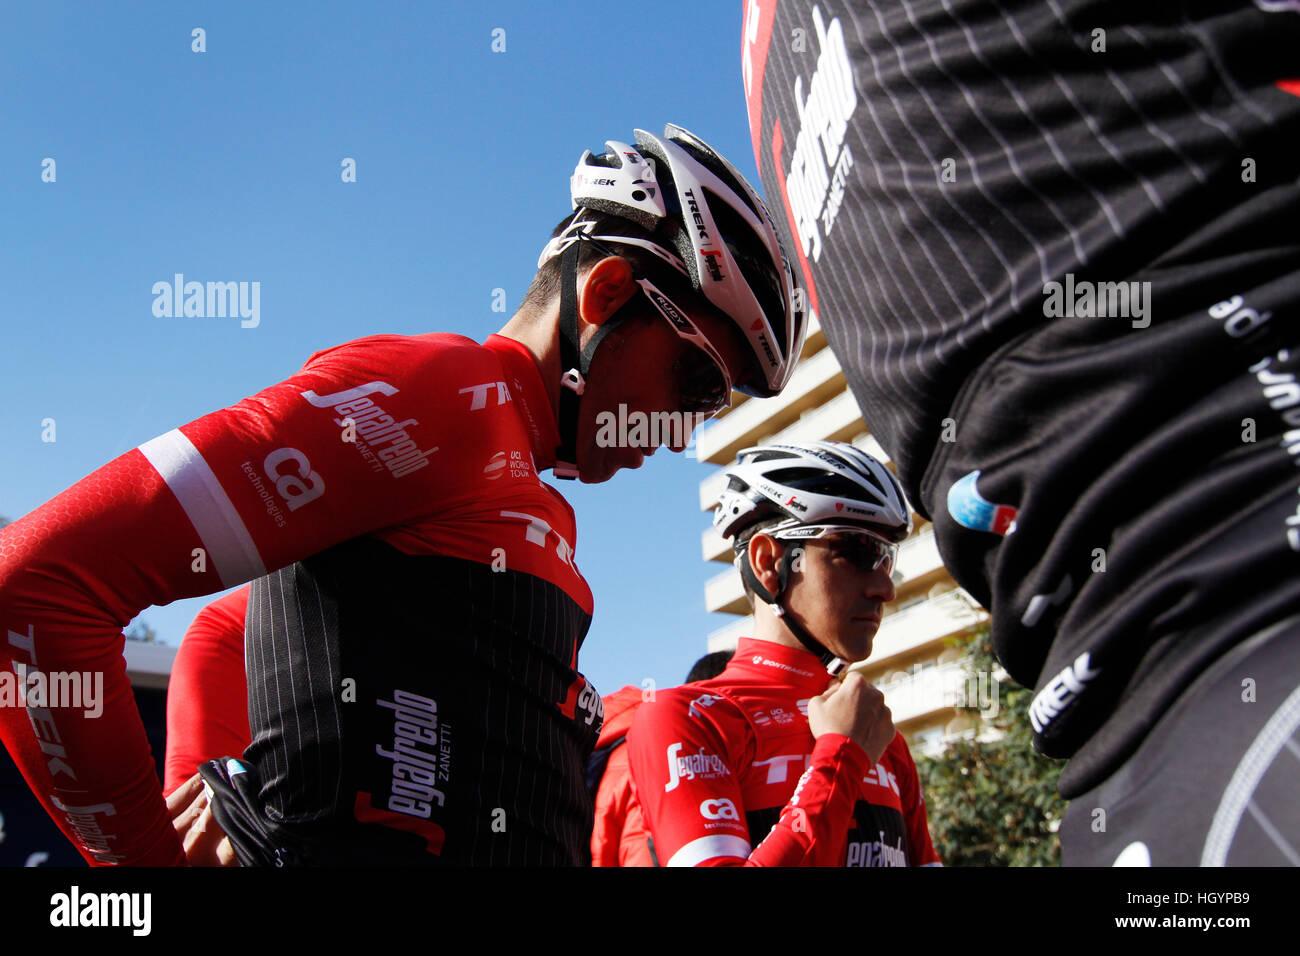 8e19e6ff0 Alberto Contador Stock Photos   Alberto Contador Stock Images - Alamy